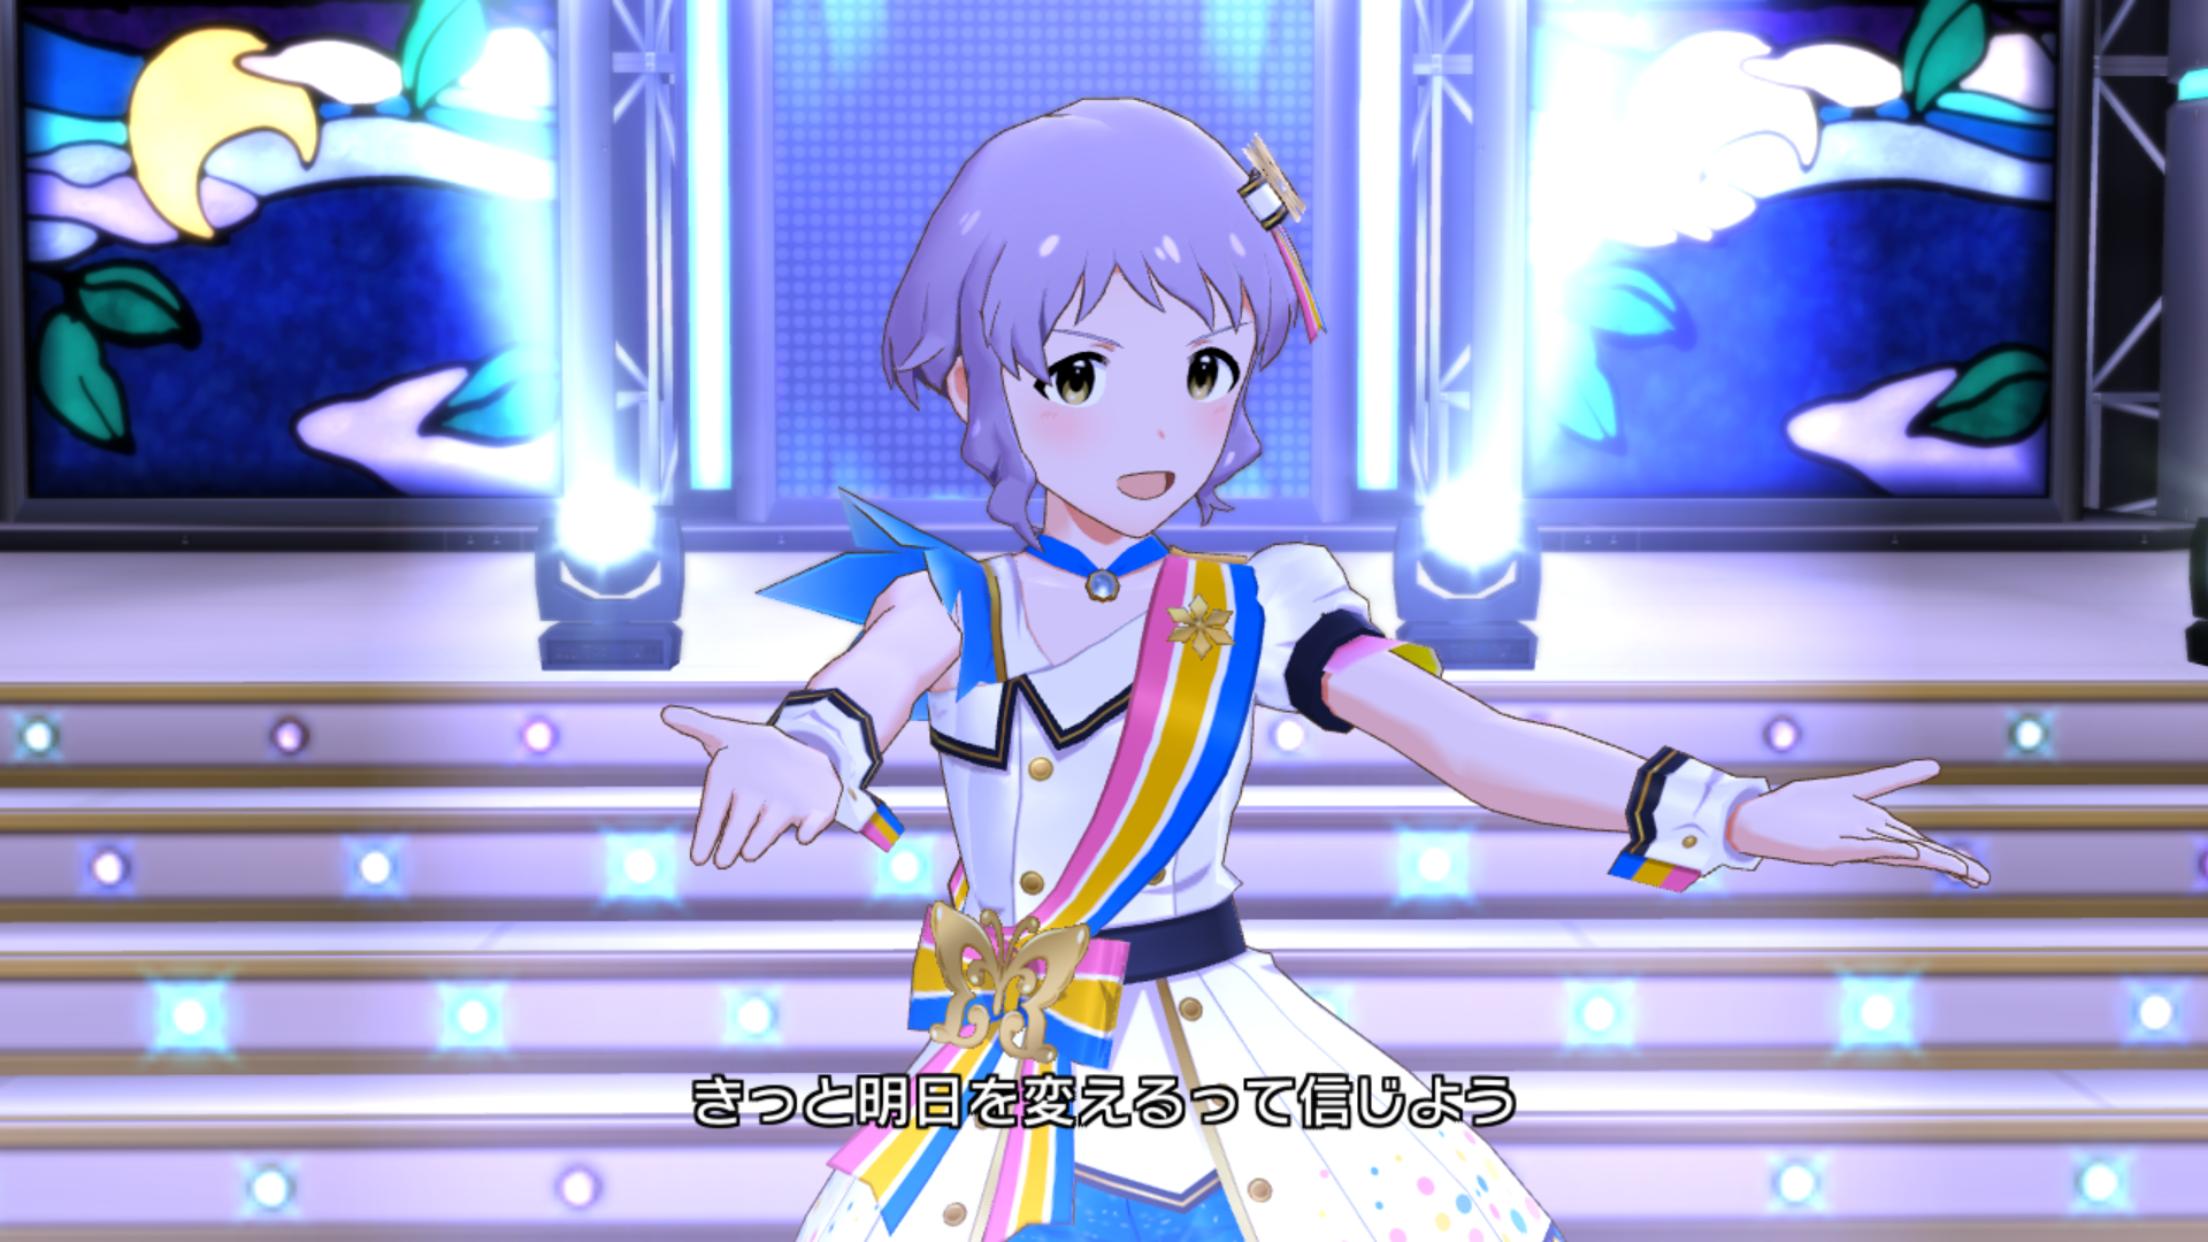 f:id:SeisoSakuya:20190430172205p:image